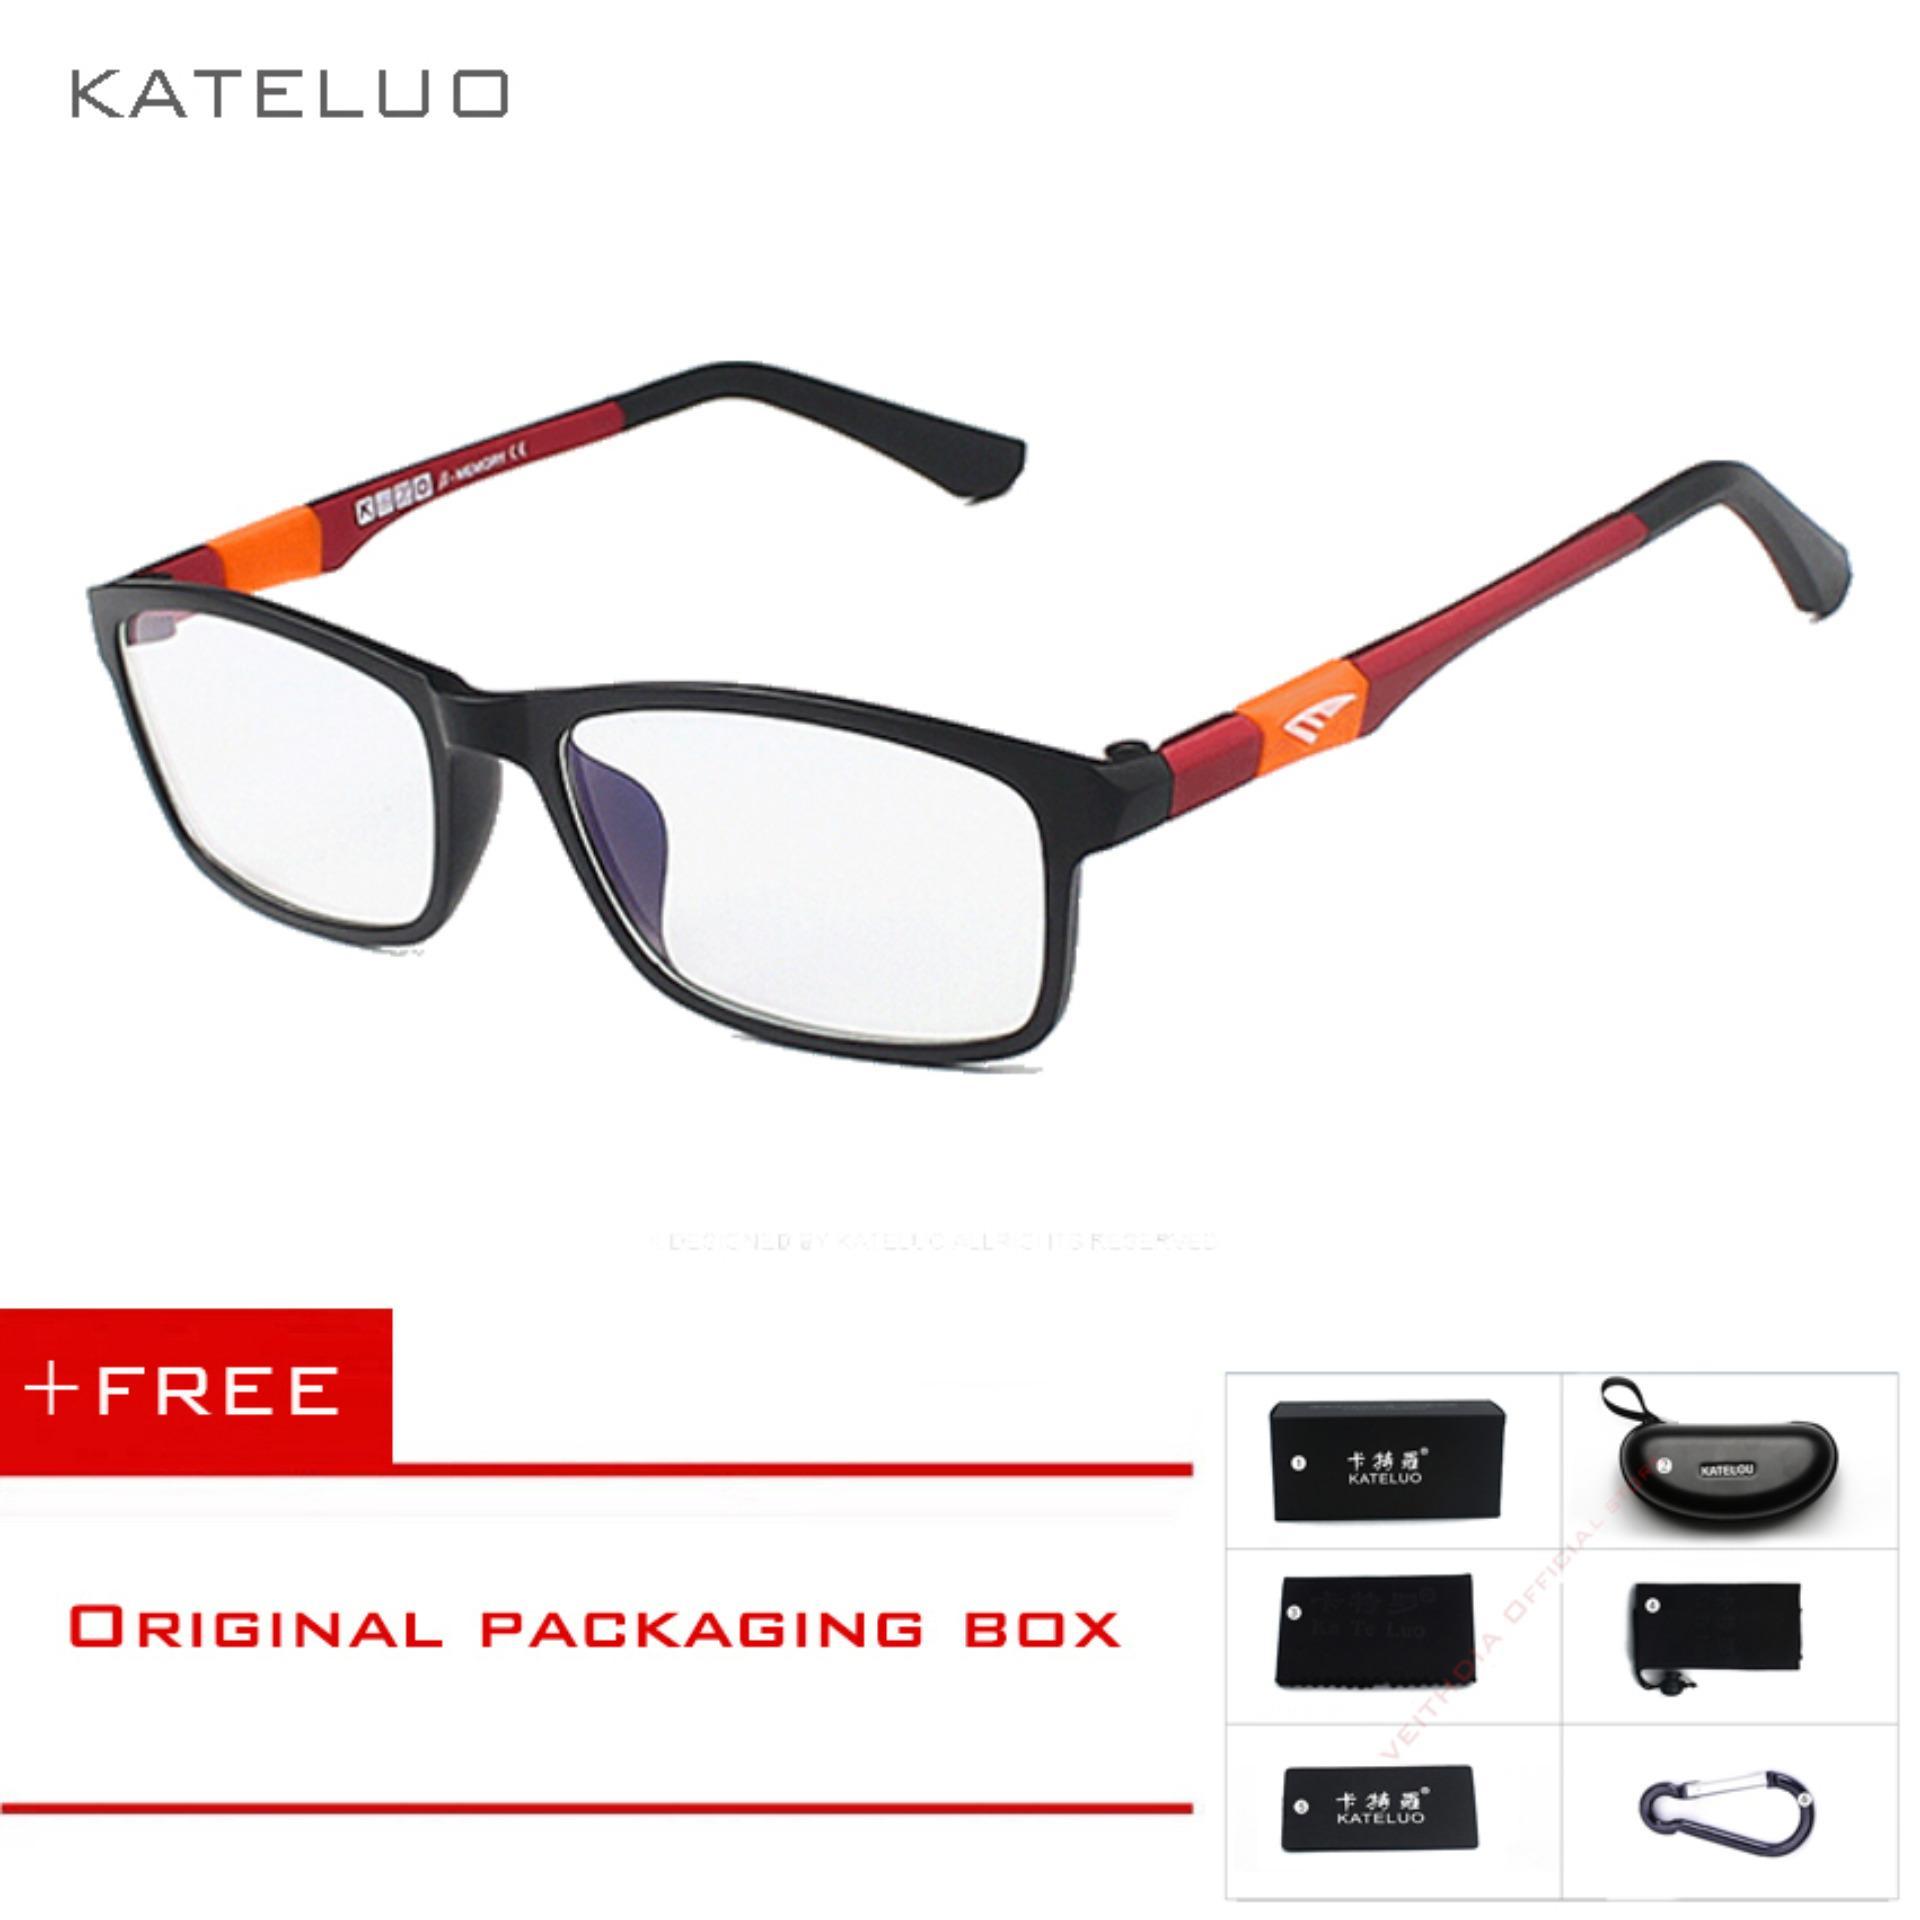 [INTERNATIONAL] KATELUO Baru Kacamata Baca Pria Wanita Komputer UVGlasses Kelelahan Radiasi Kacamata Miopia Bingkai